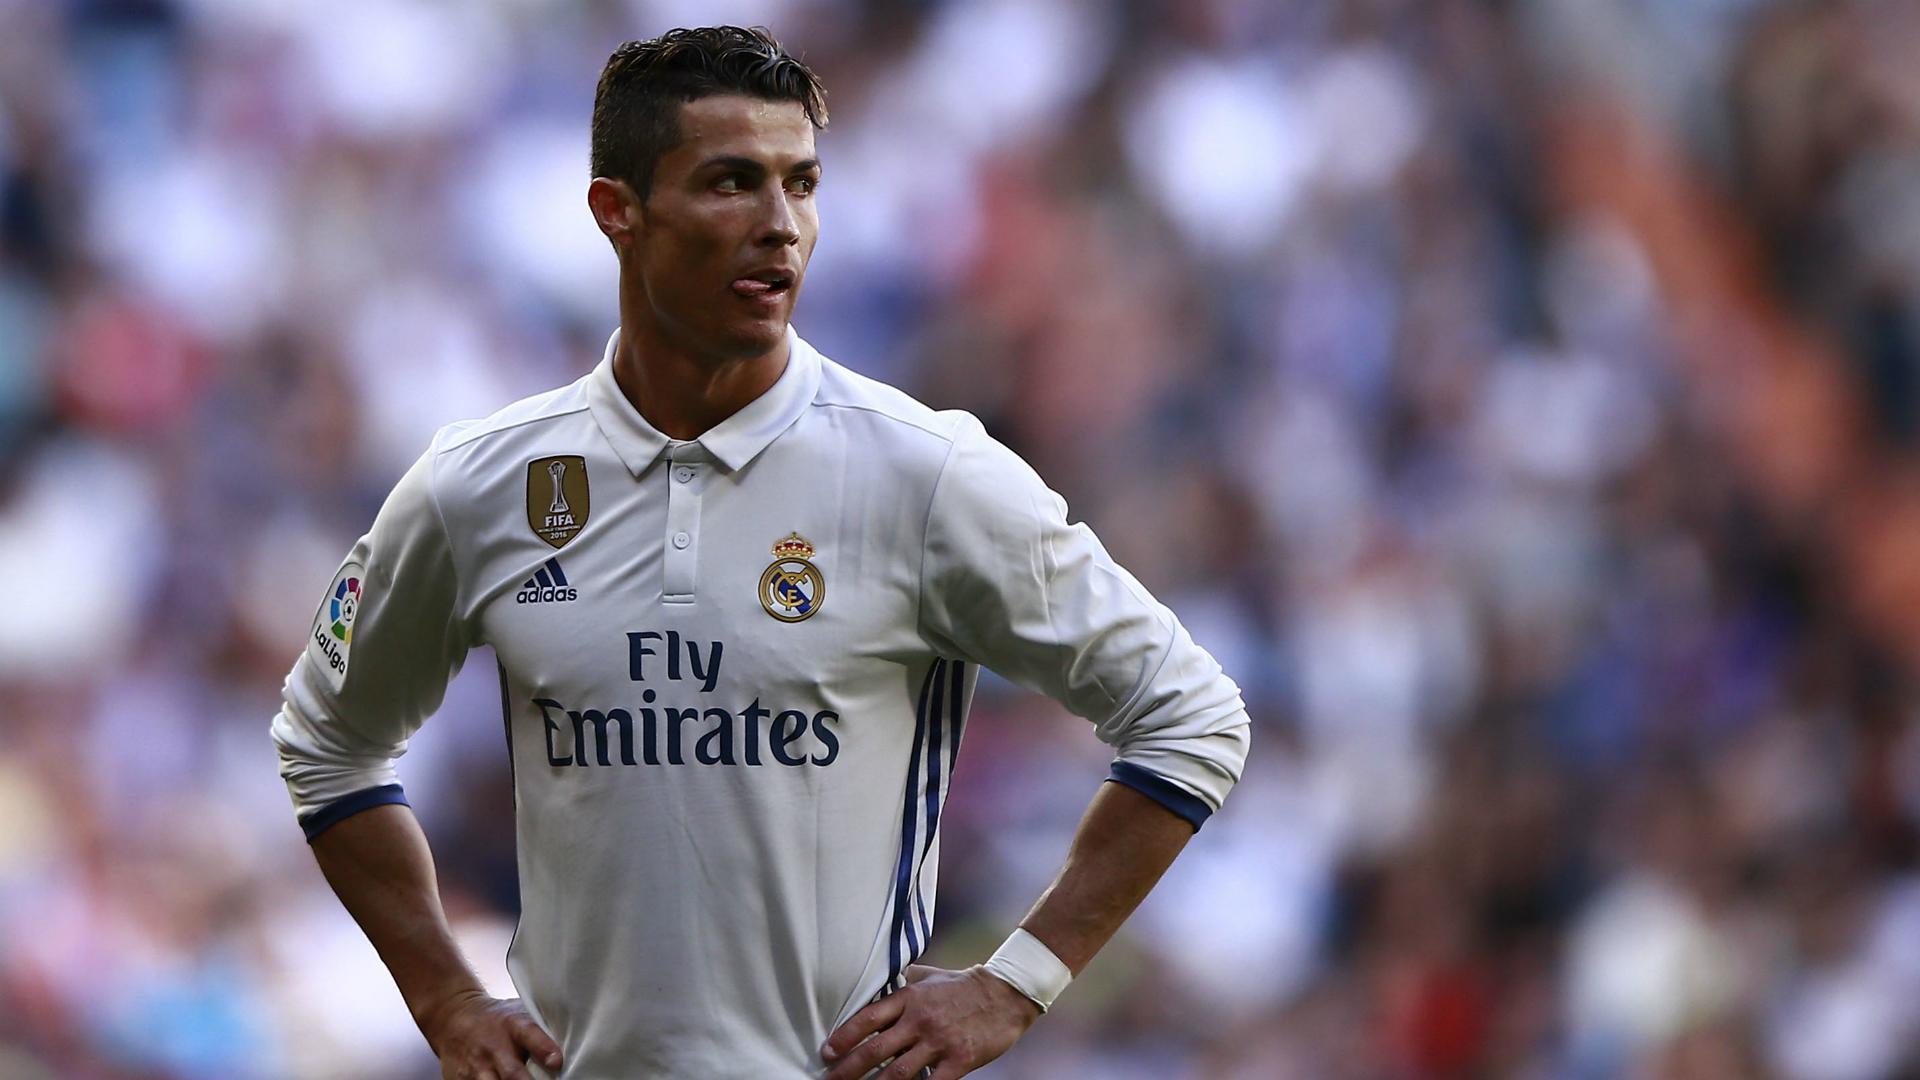 Nagyszerű motivációs Ronaldo-poszttal jött a Nike 75f3343abe